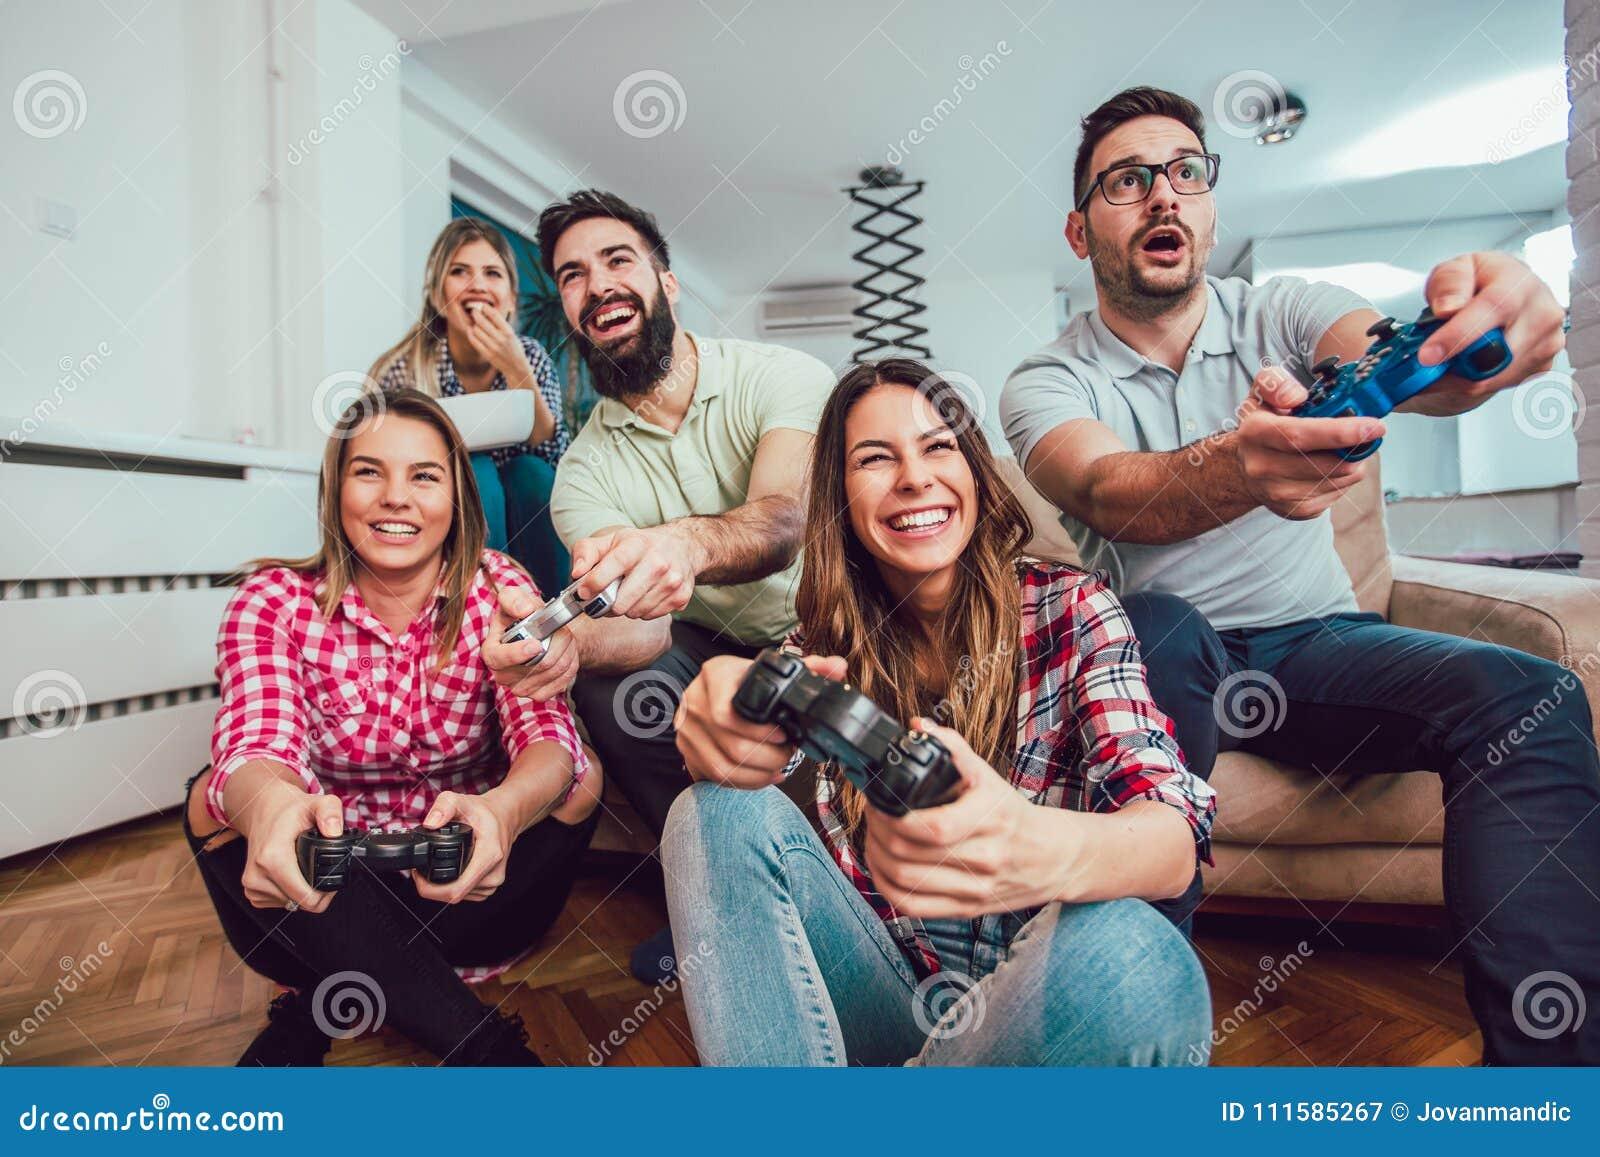 Grupo De Videojuegos Del Juego De Los Amigos Junto En Casa Imagen De